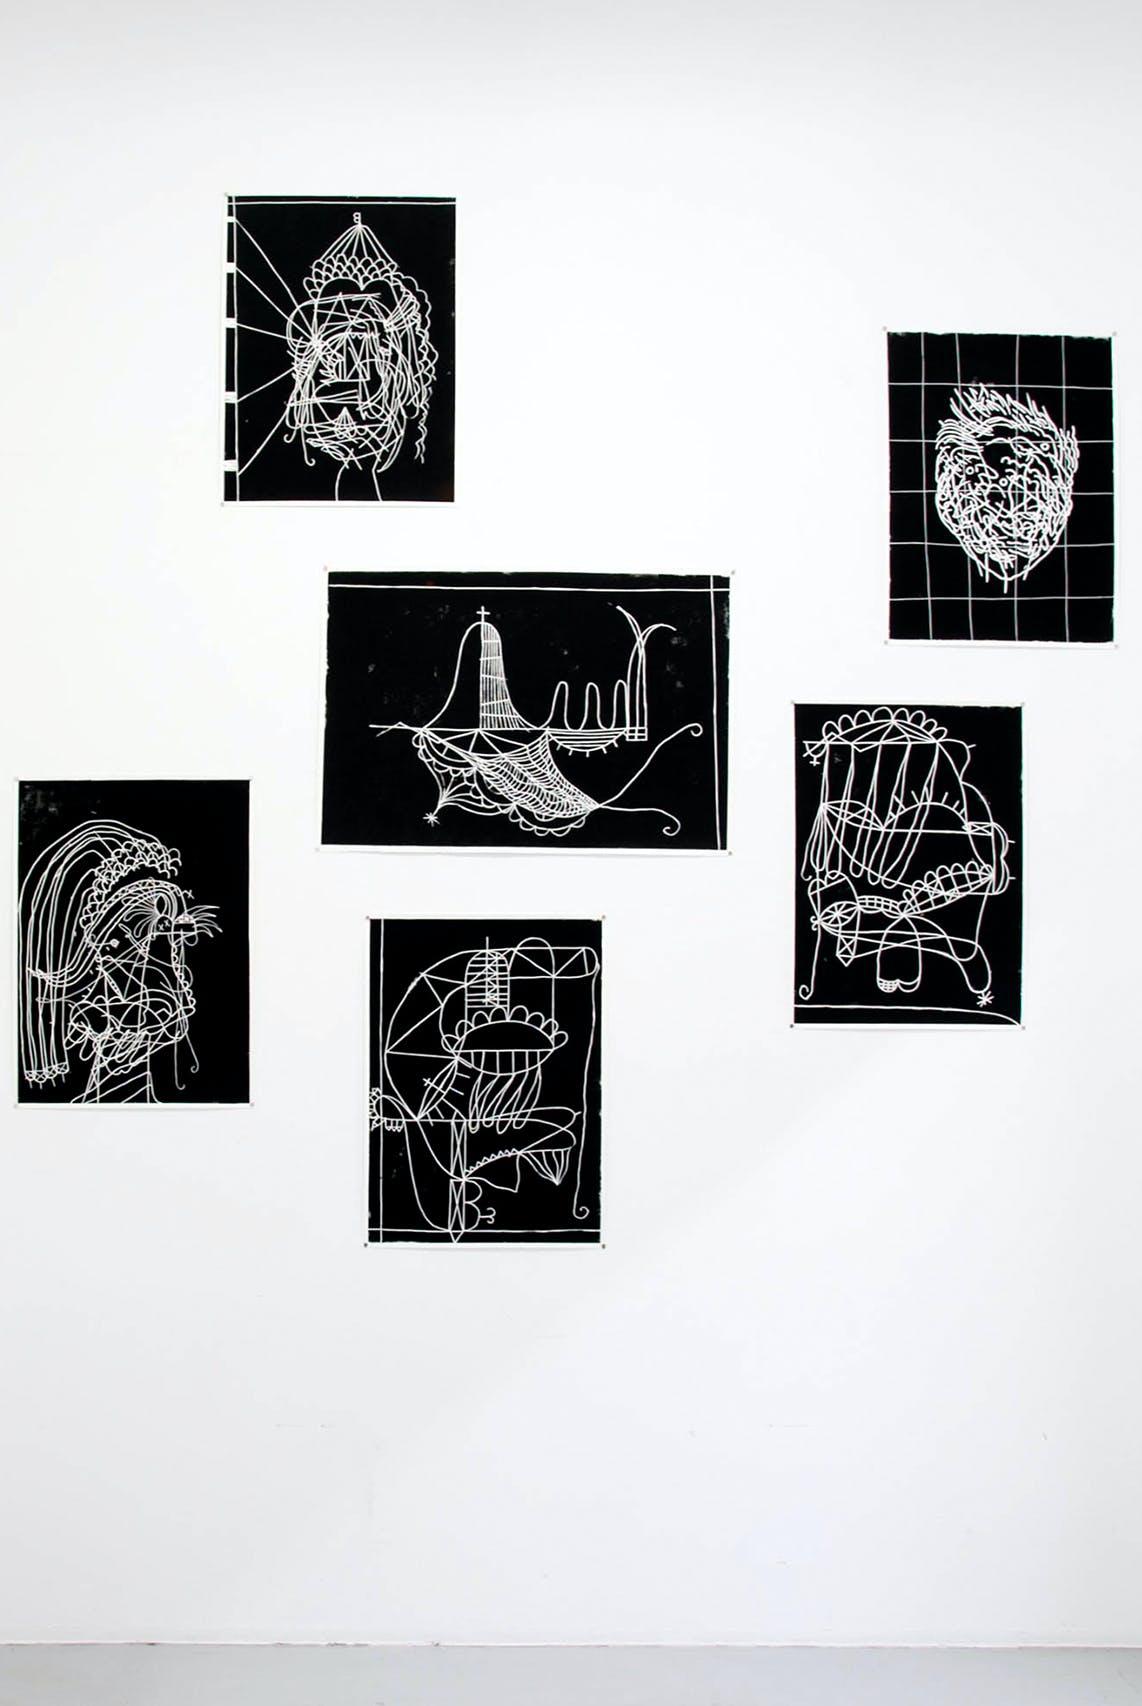 Meisterstücke und Kunst für Artothek Alexi Tsioris